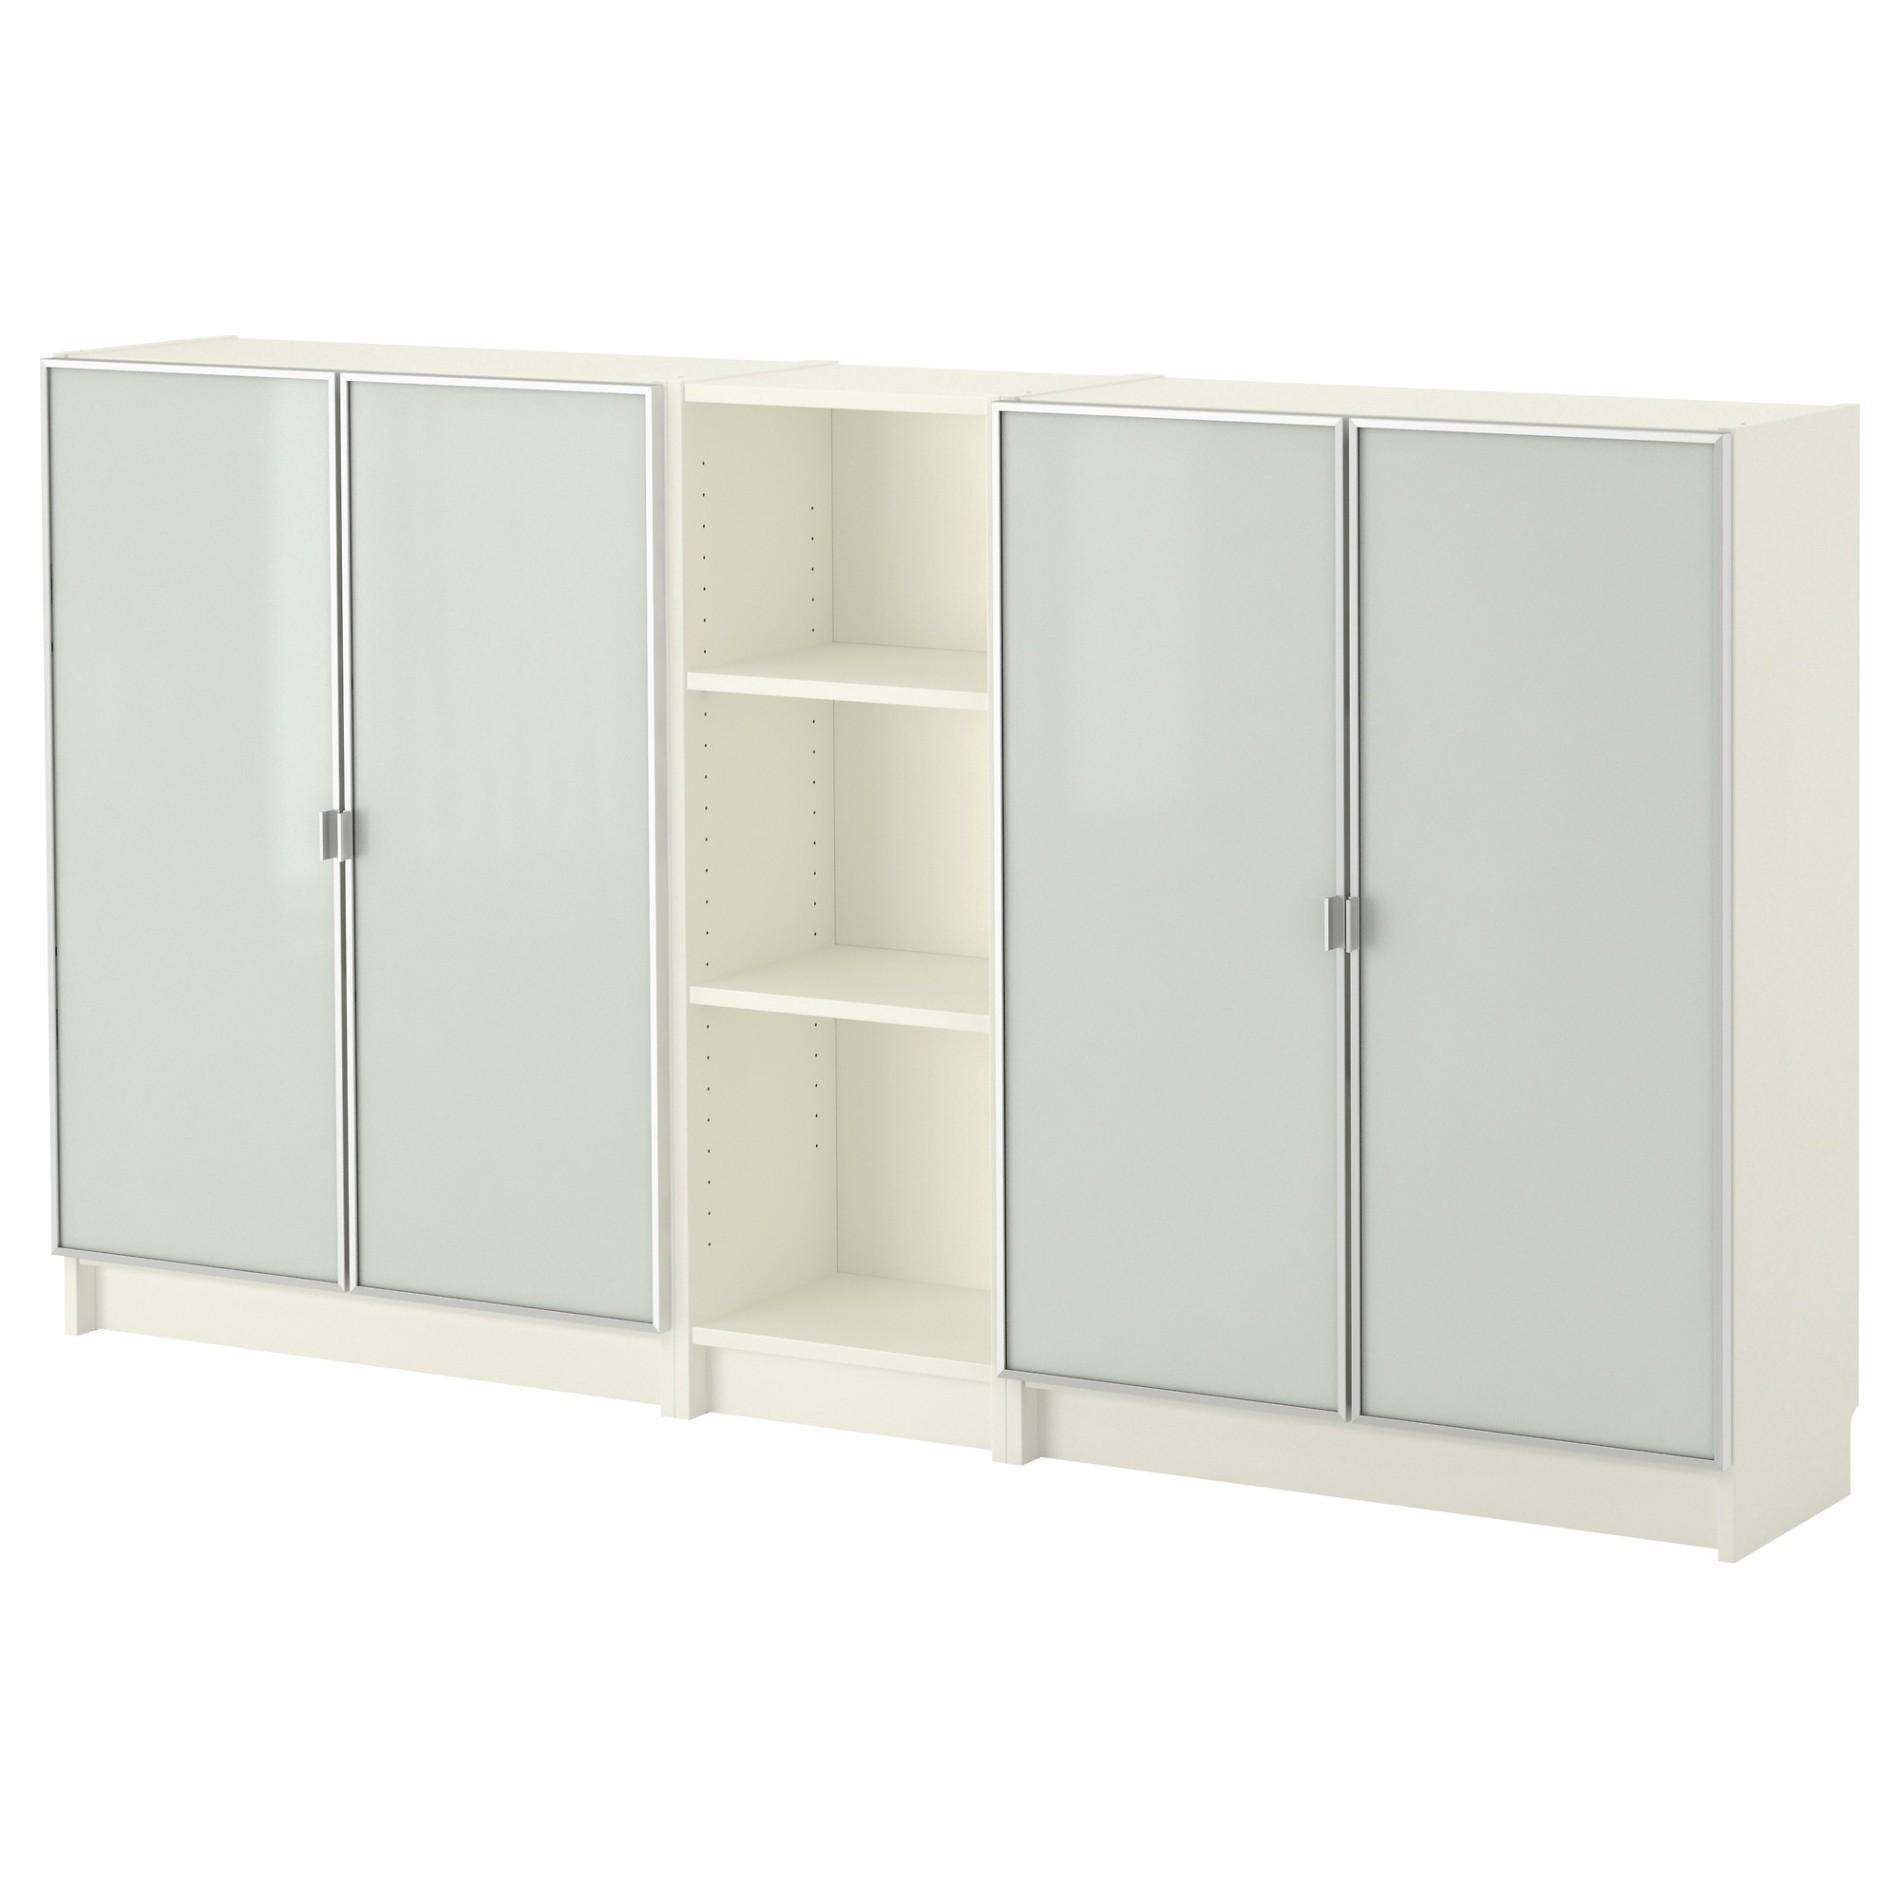 Armoire Bebe Blanche Ikea Idées De Tricot Gratuit